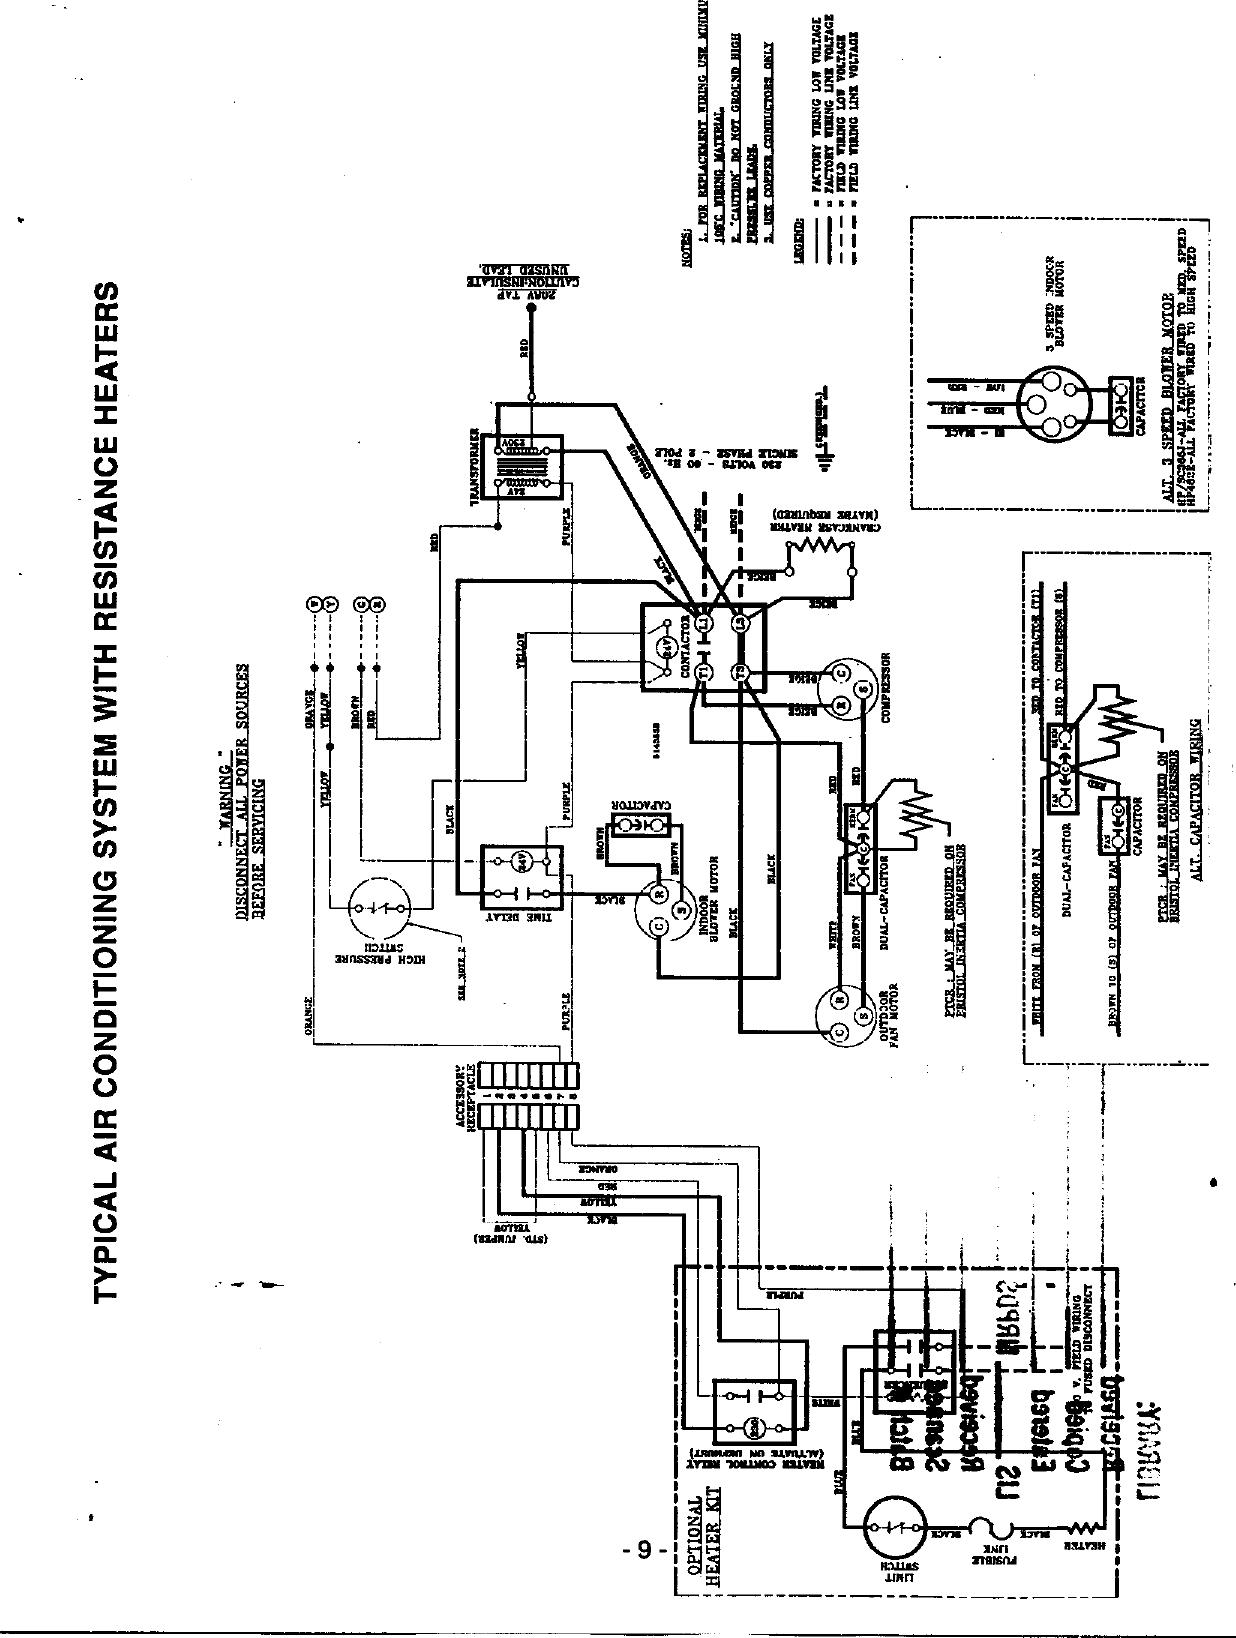 goettl air conditioner room (42) manual 98100073  usermanual.wiki